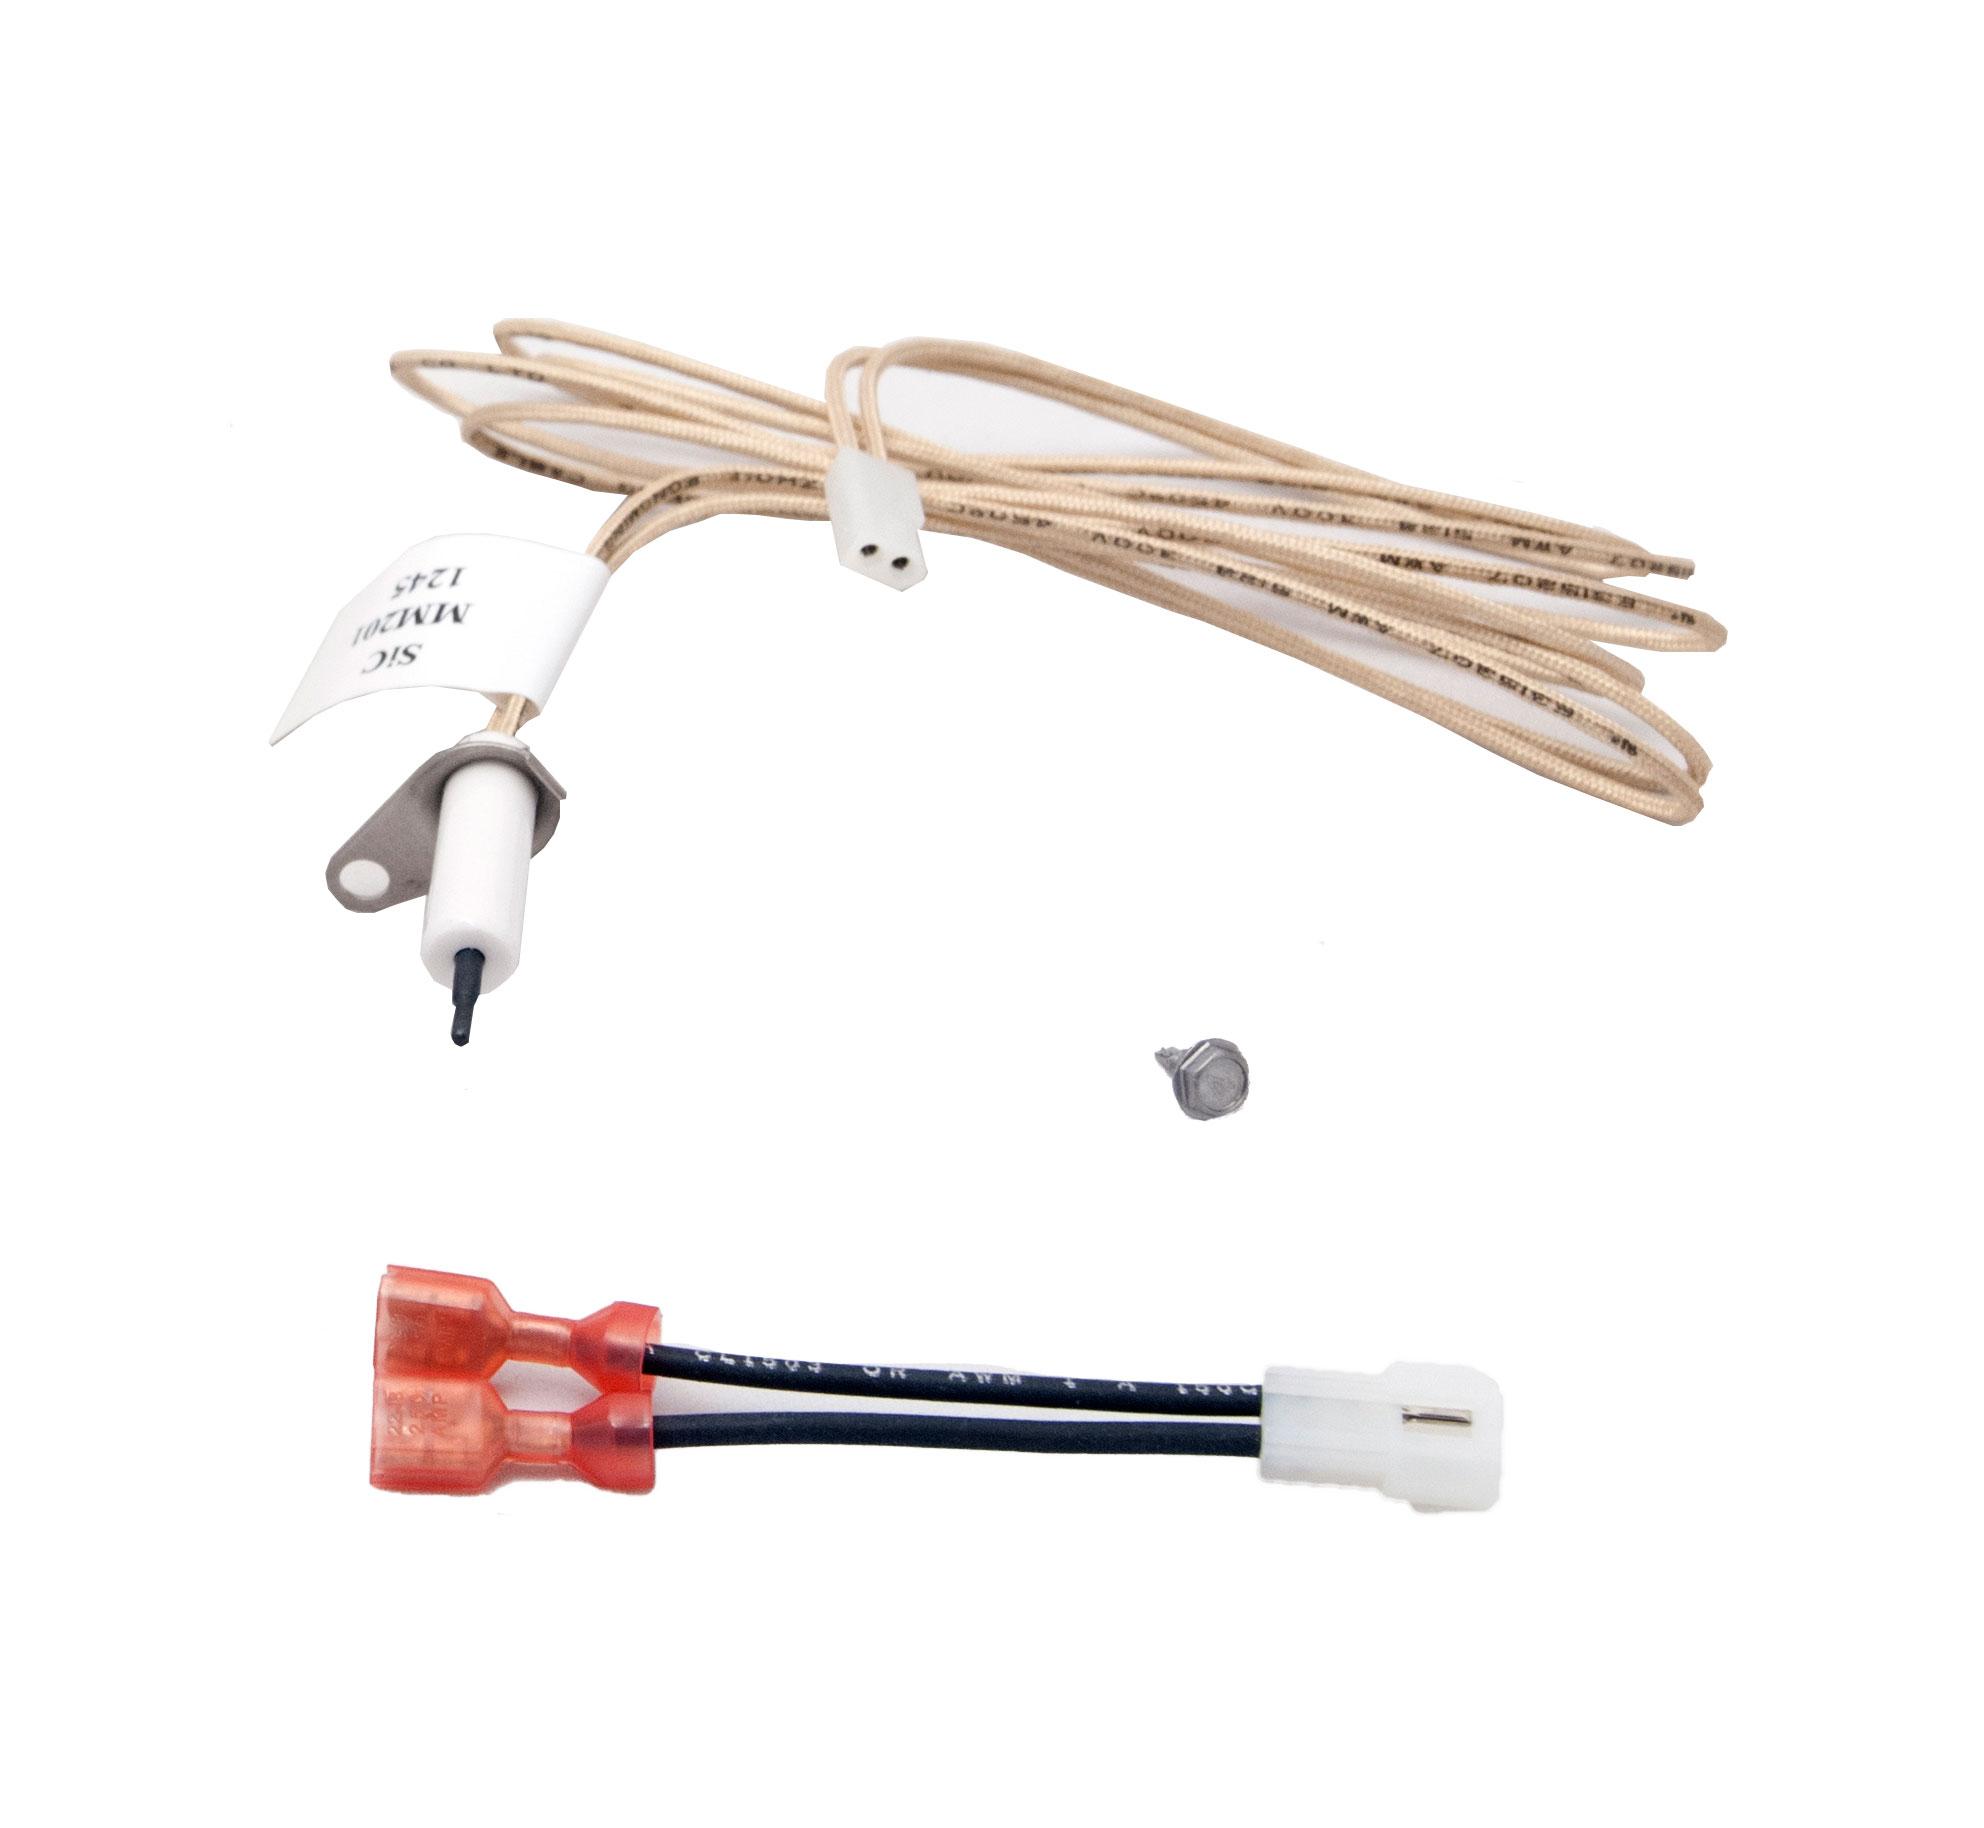 fire magic aurora back burner ignitor electrode. Black Bedroom Furniture Sets. Home Design Ideas